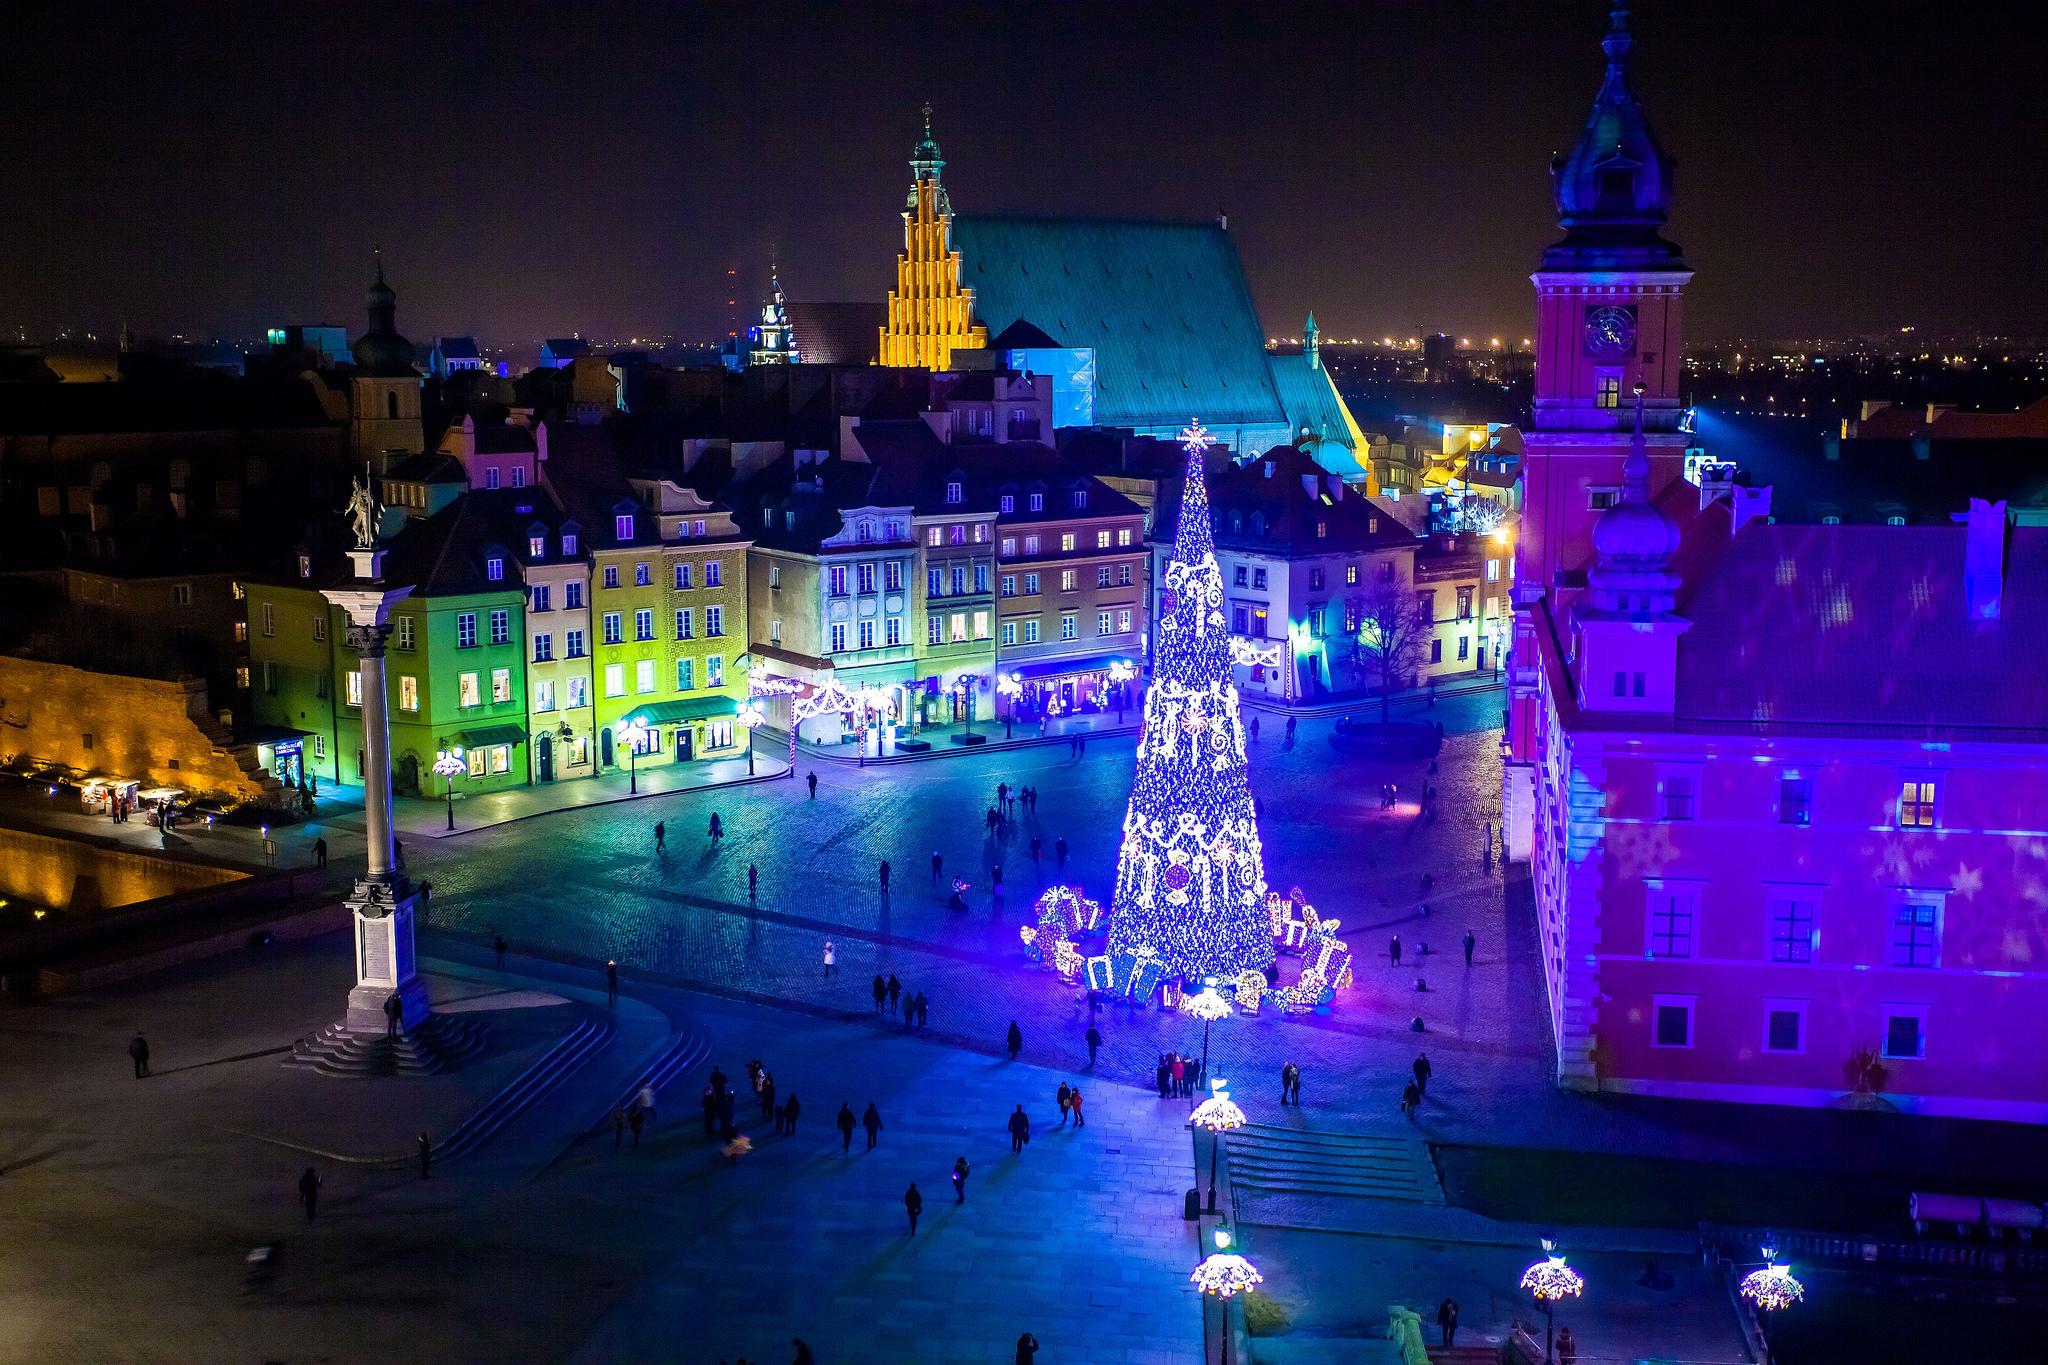 Świąteczne iluminacje na placu Zamkowym w Warszawie